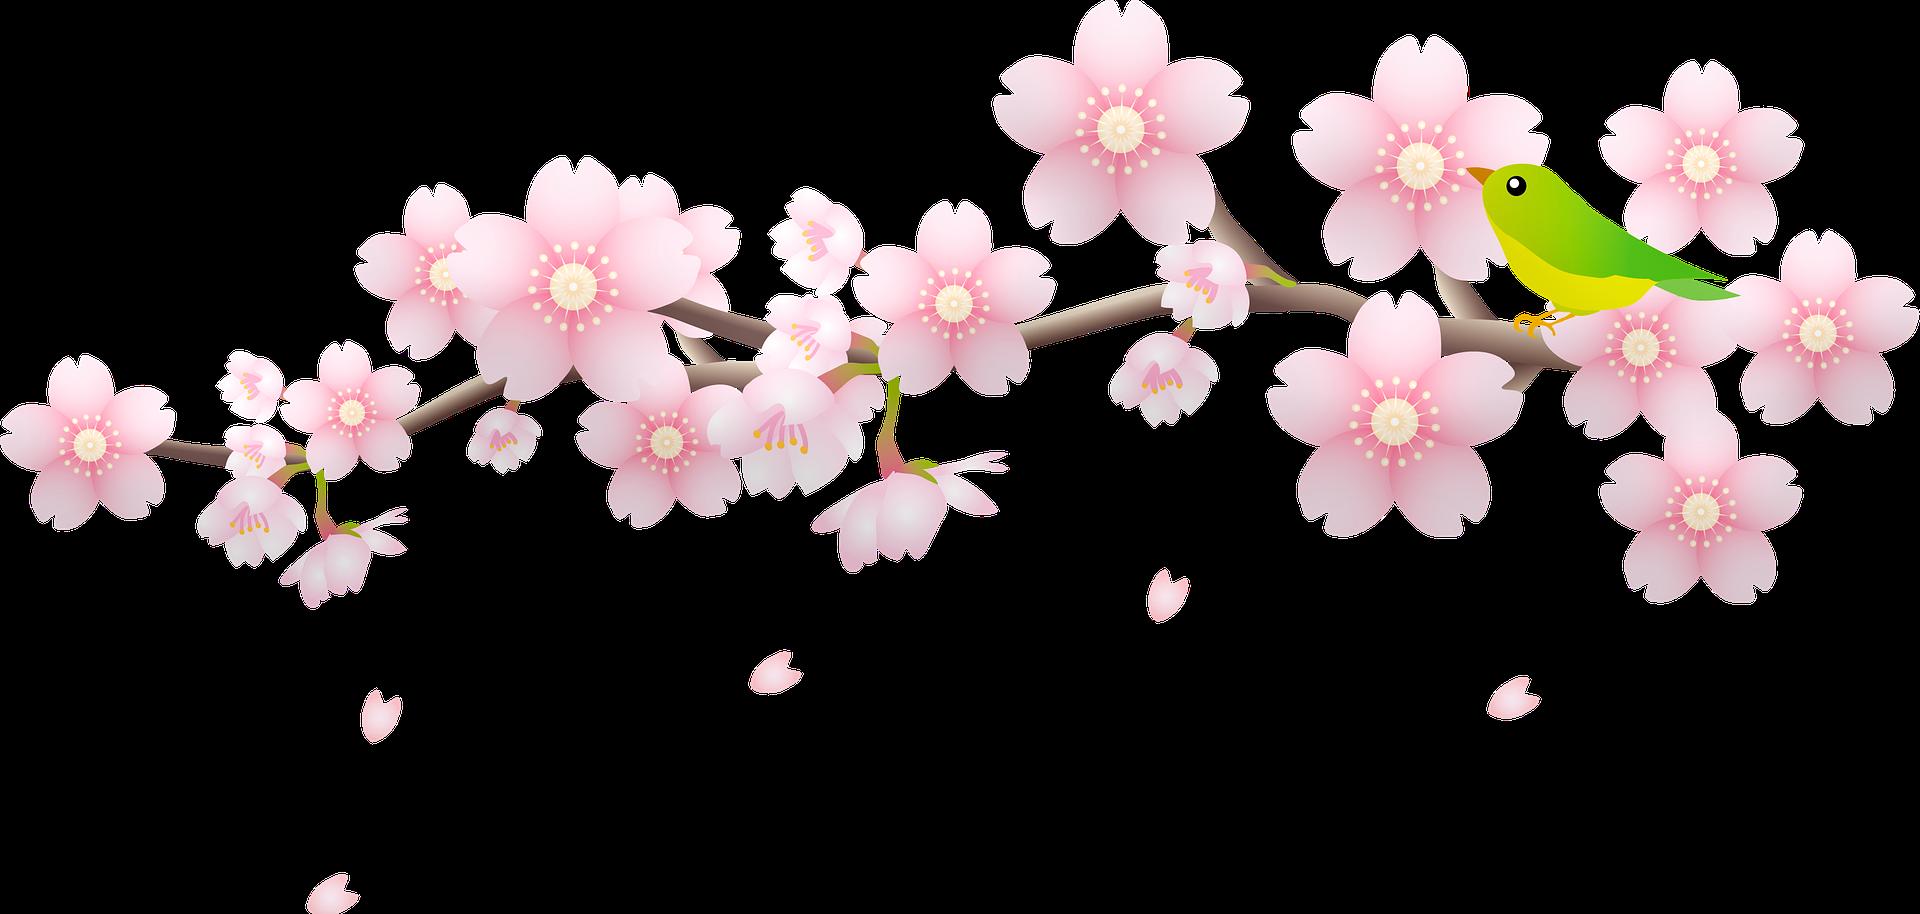 cherry-blossom-6008186_1920